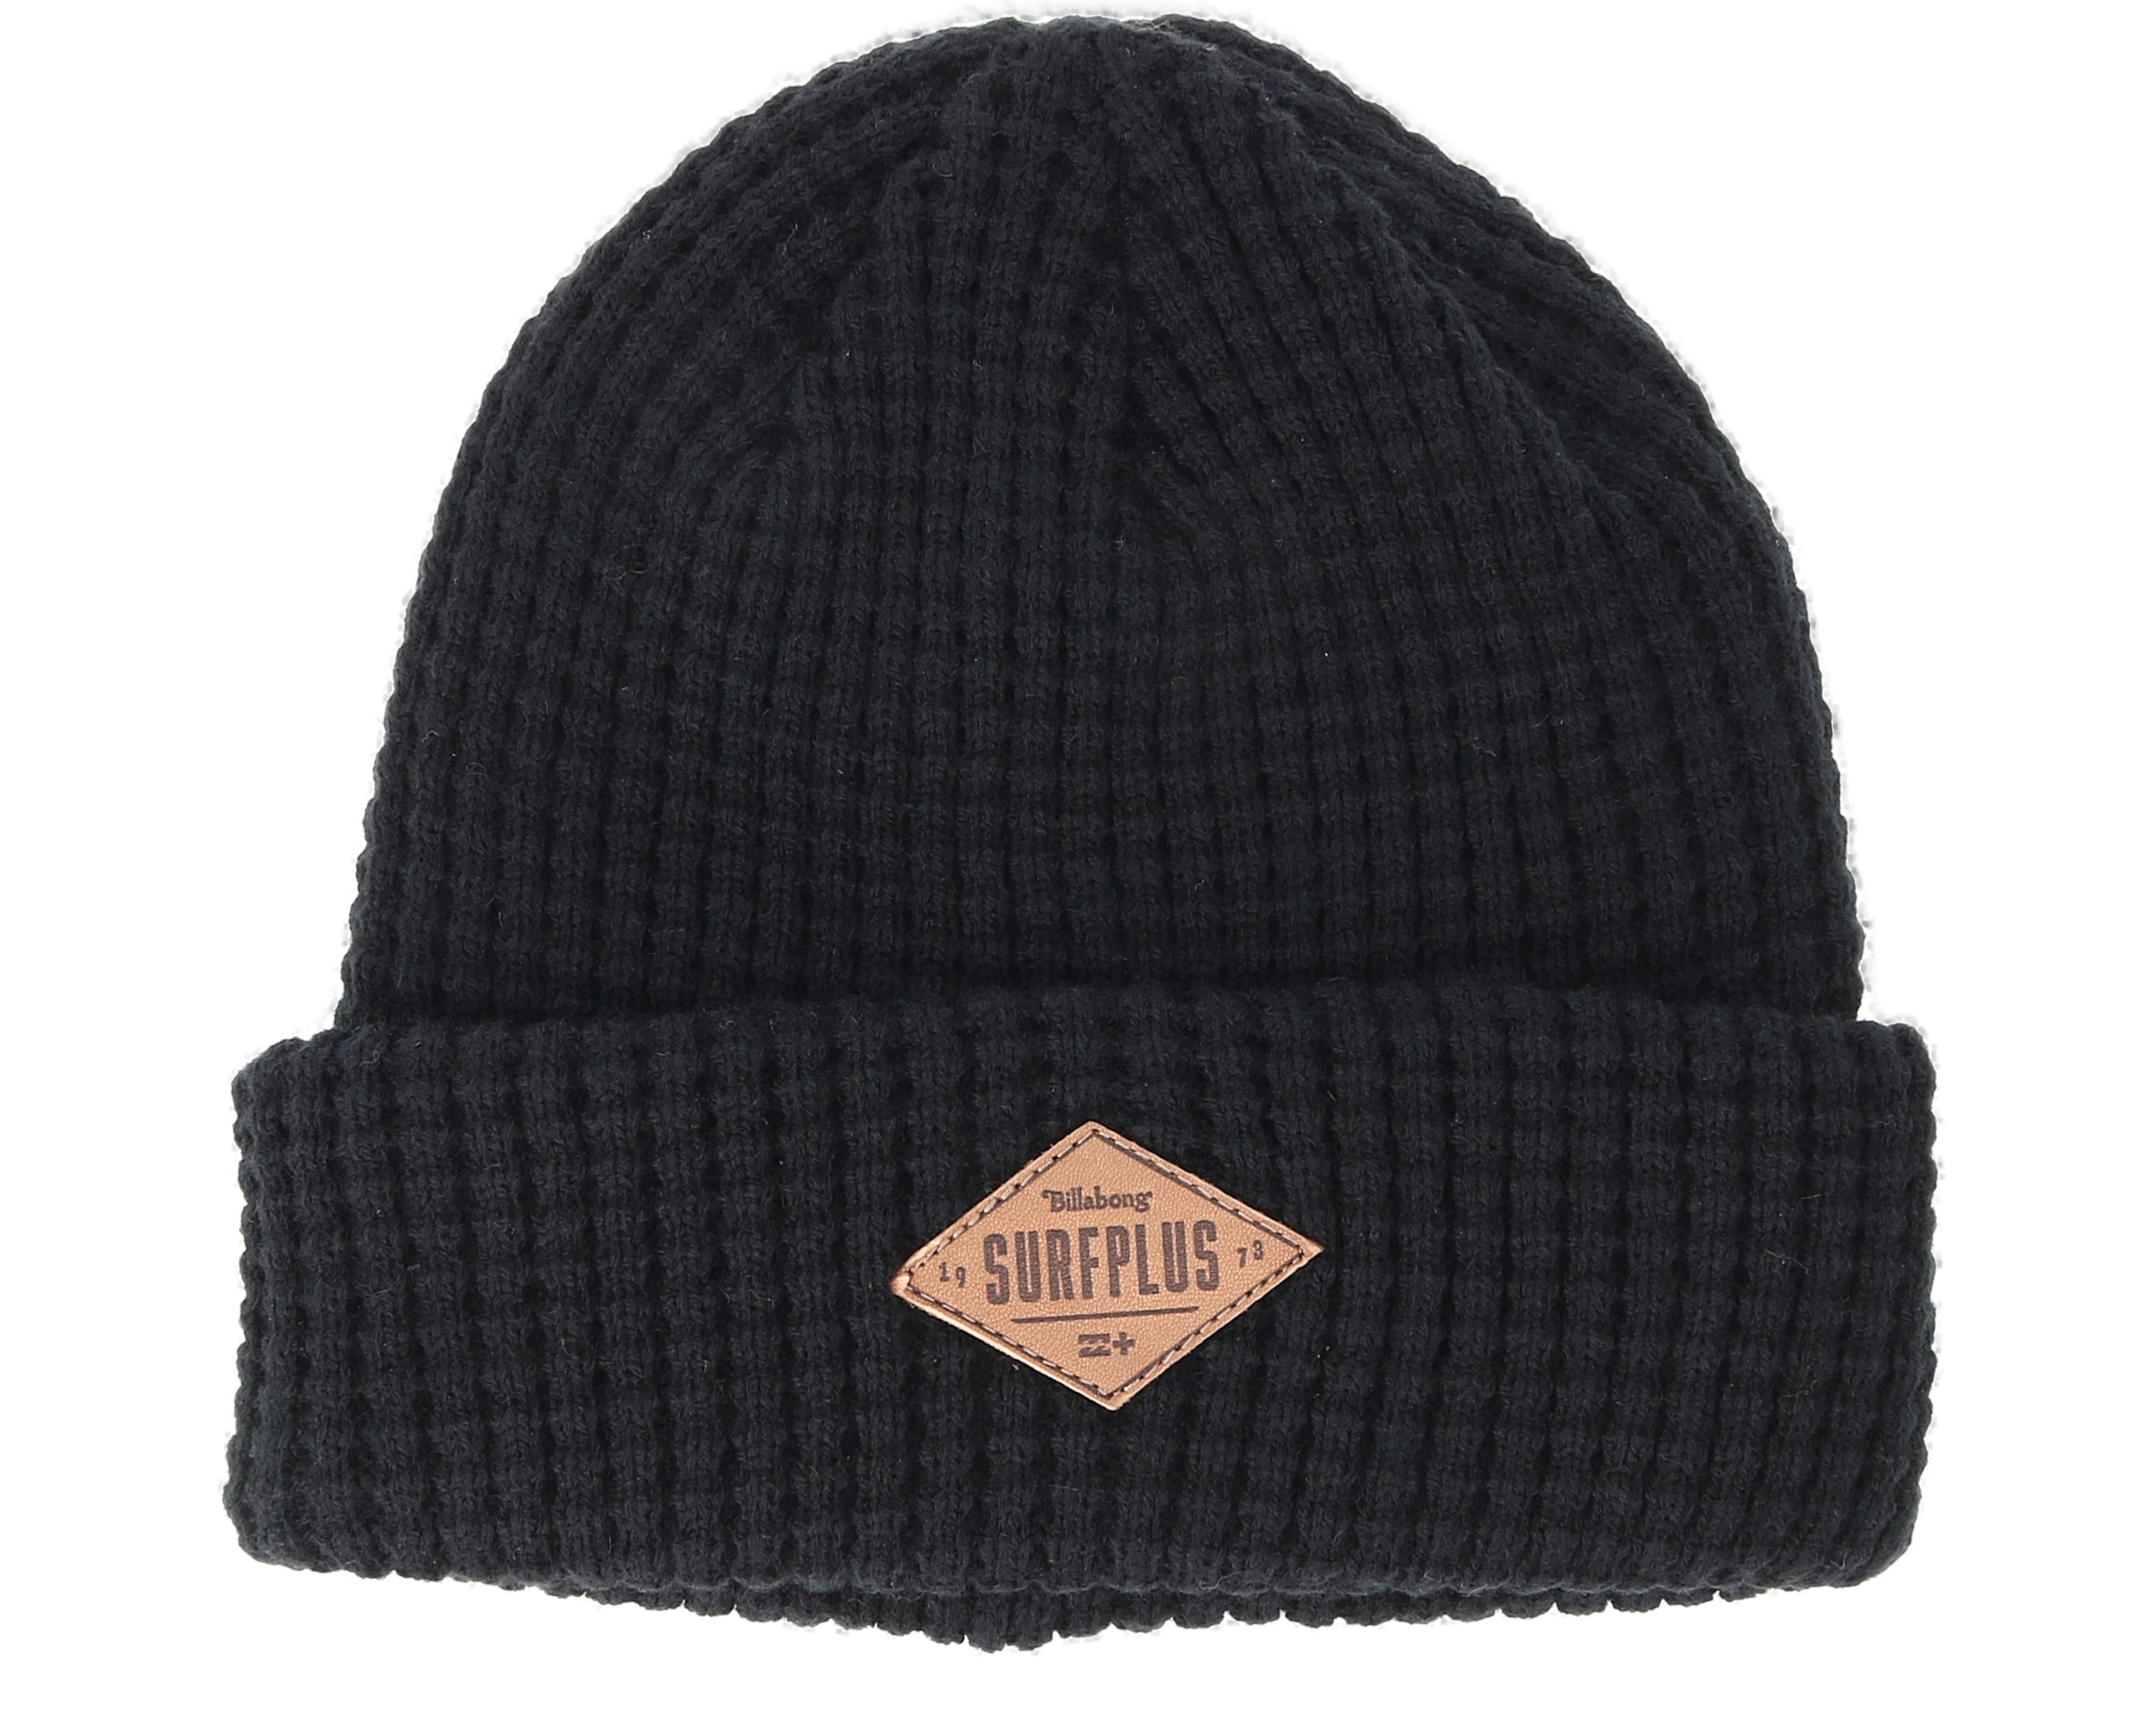 6d327e525fb1b5 ... inexpensive basher black beanie billabong beanies hatstore 0d1ef 0a364